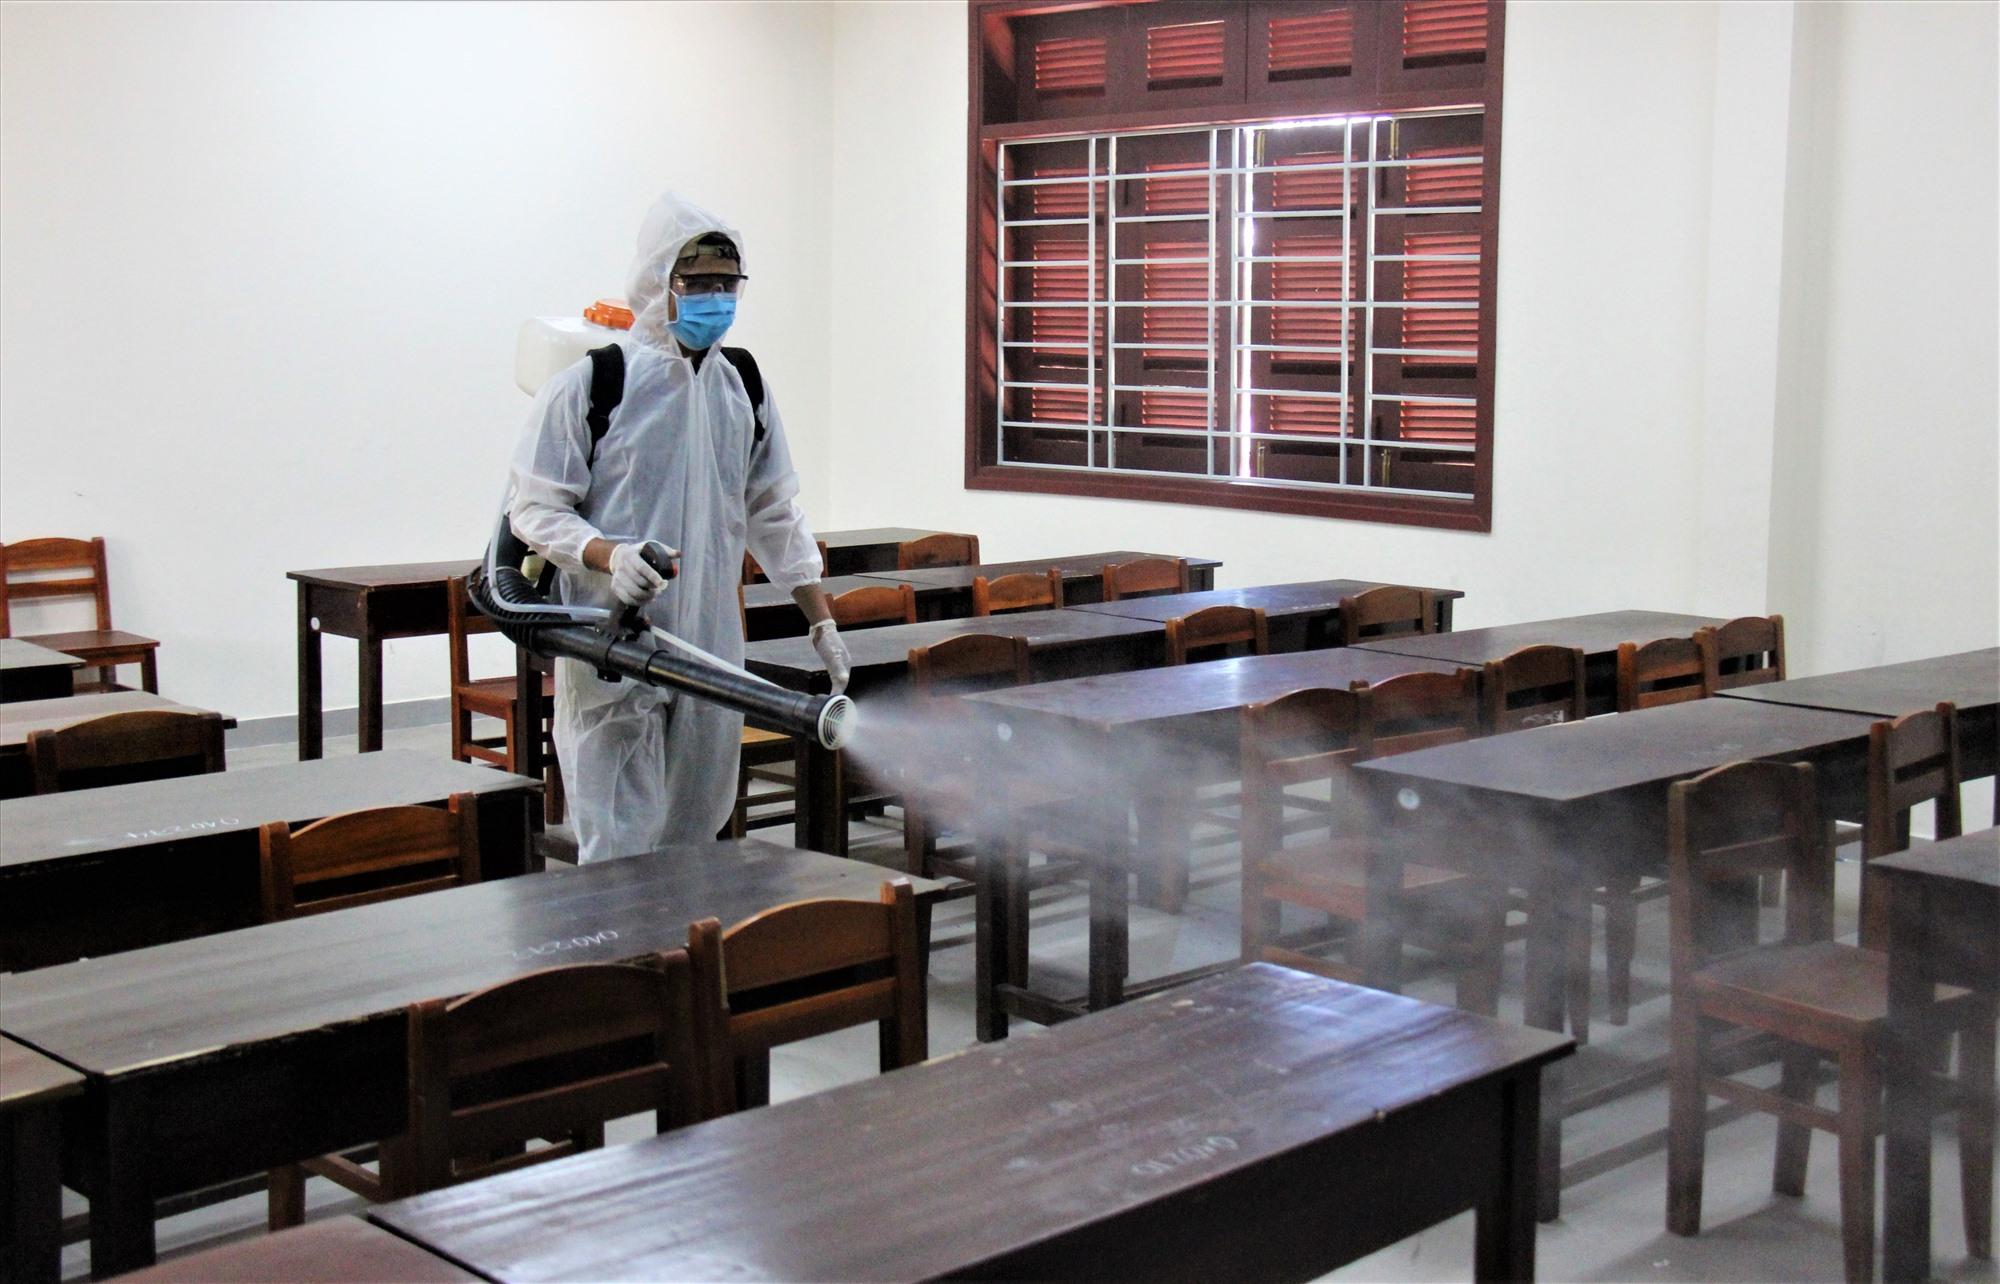 Ngành y tế phun hóa chất chuẩn bị cho kỳ thi tốt nghiệp THPT đợt 2. Ảnh: HOÀI AN